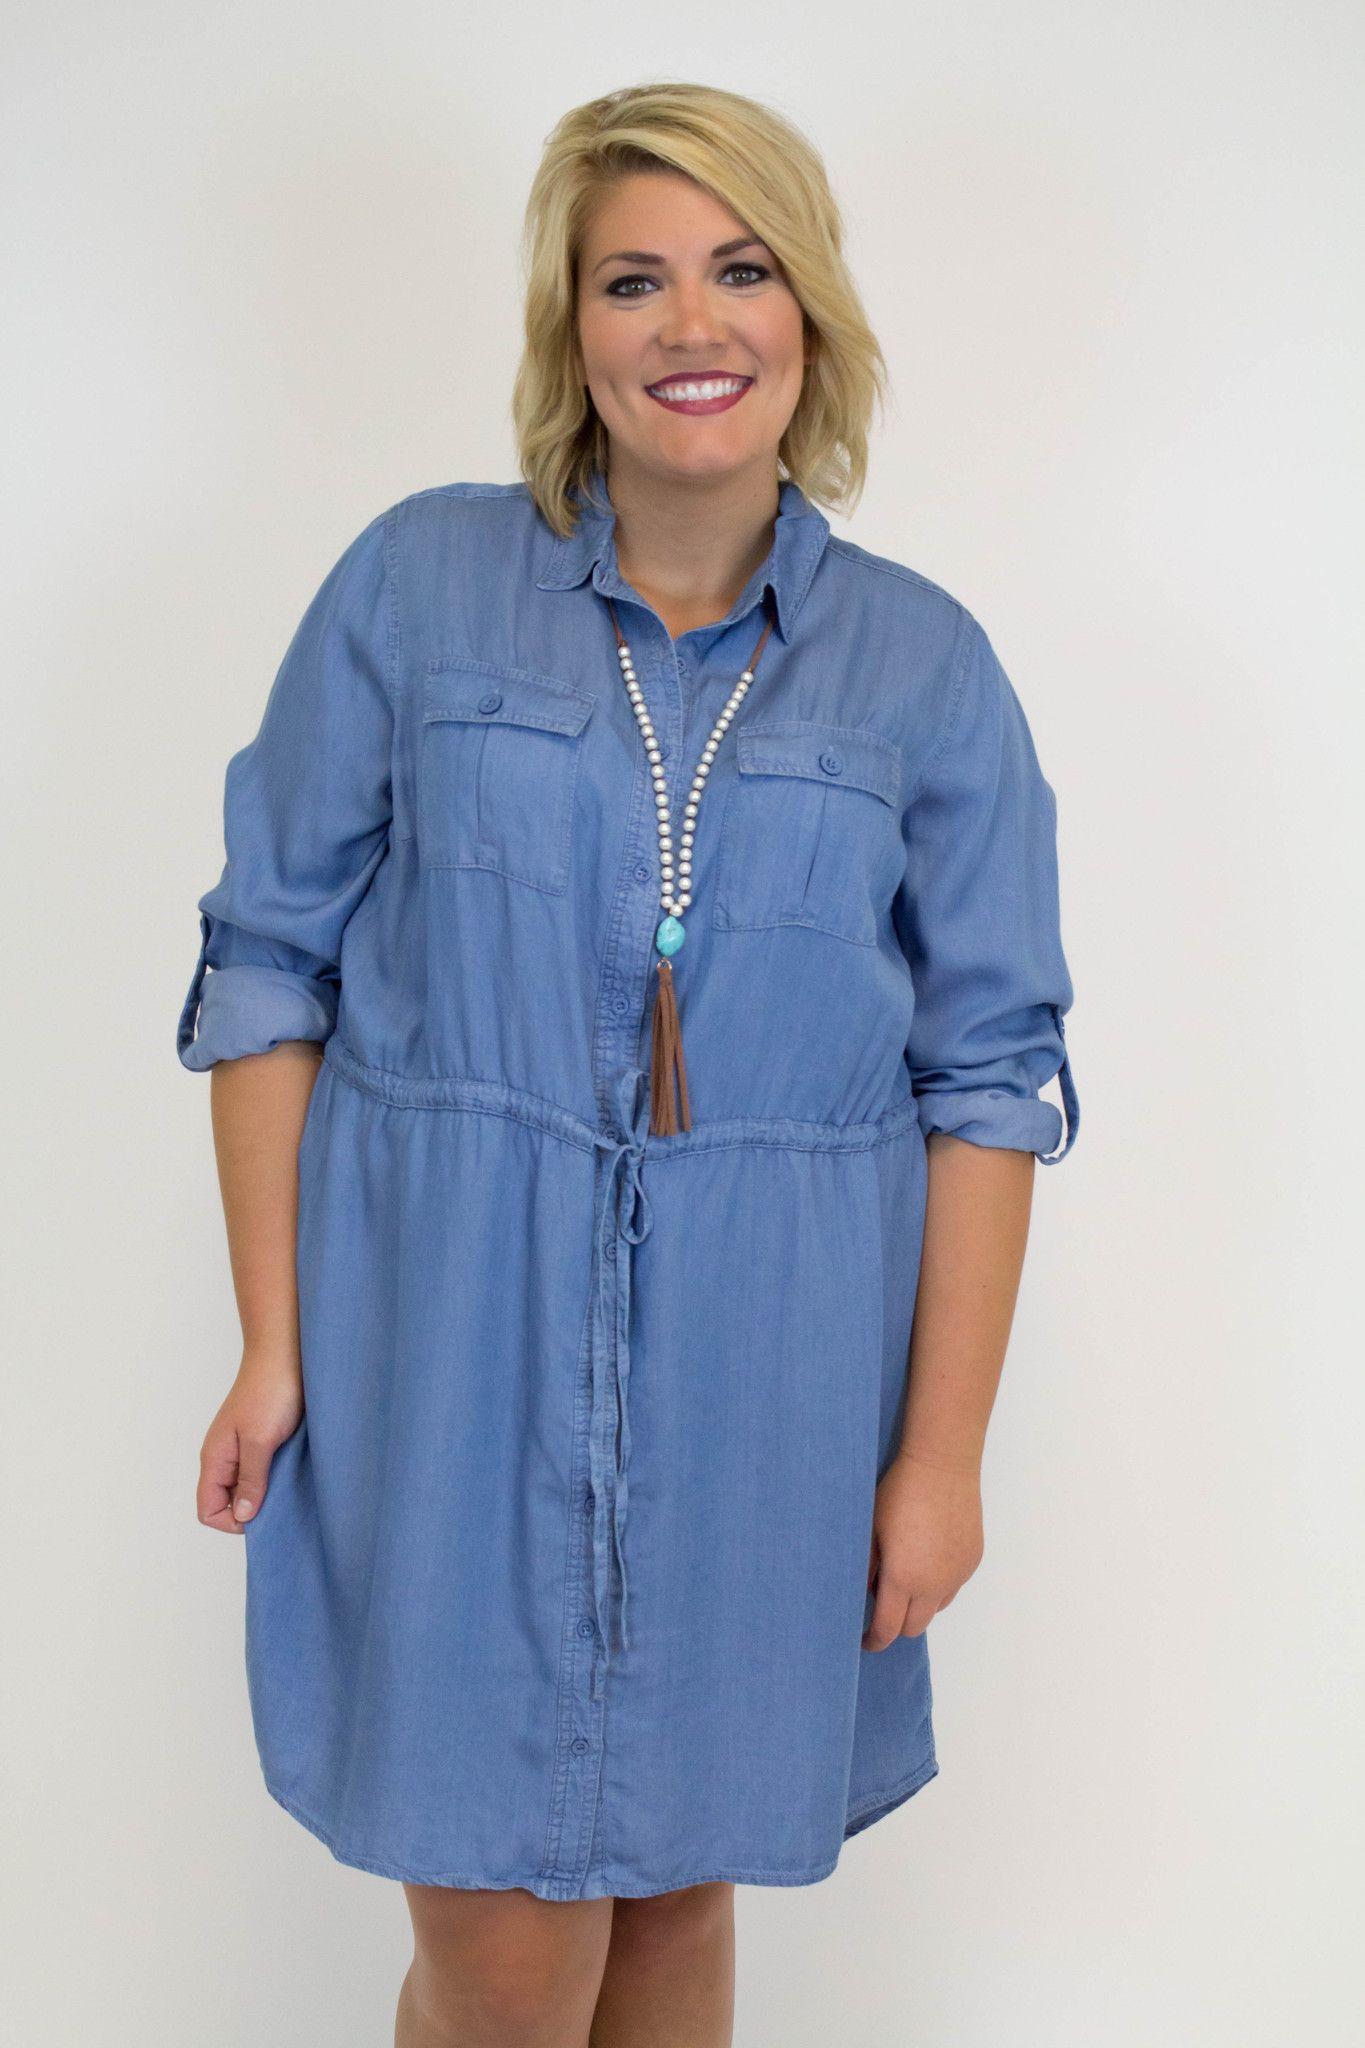 Denim Dress - Plus Size | Products | Dresses, Denim, Plus size